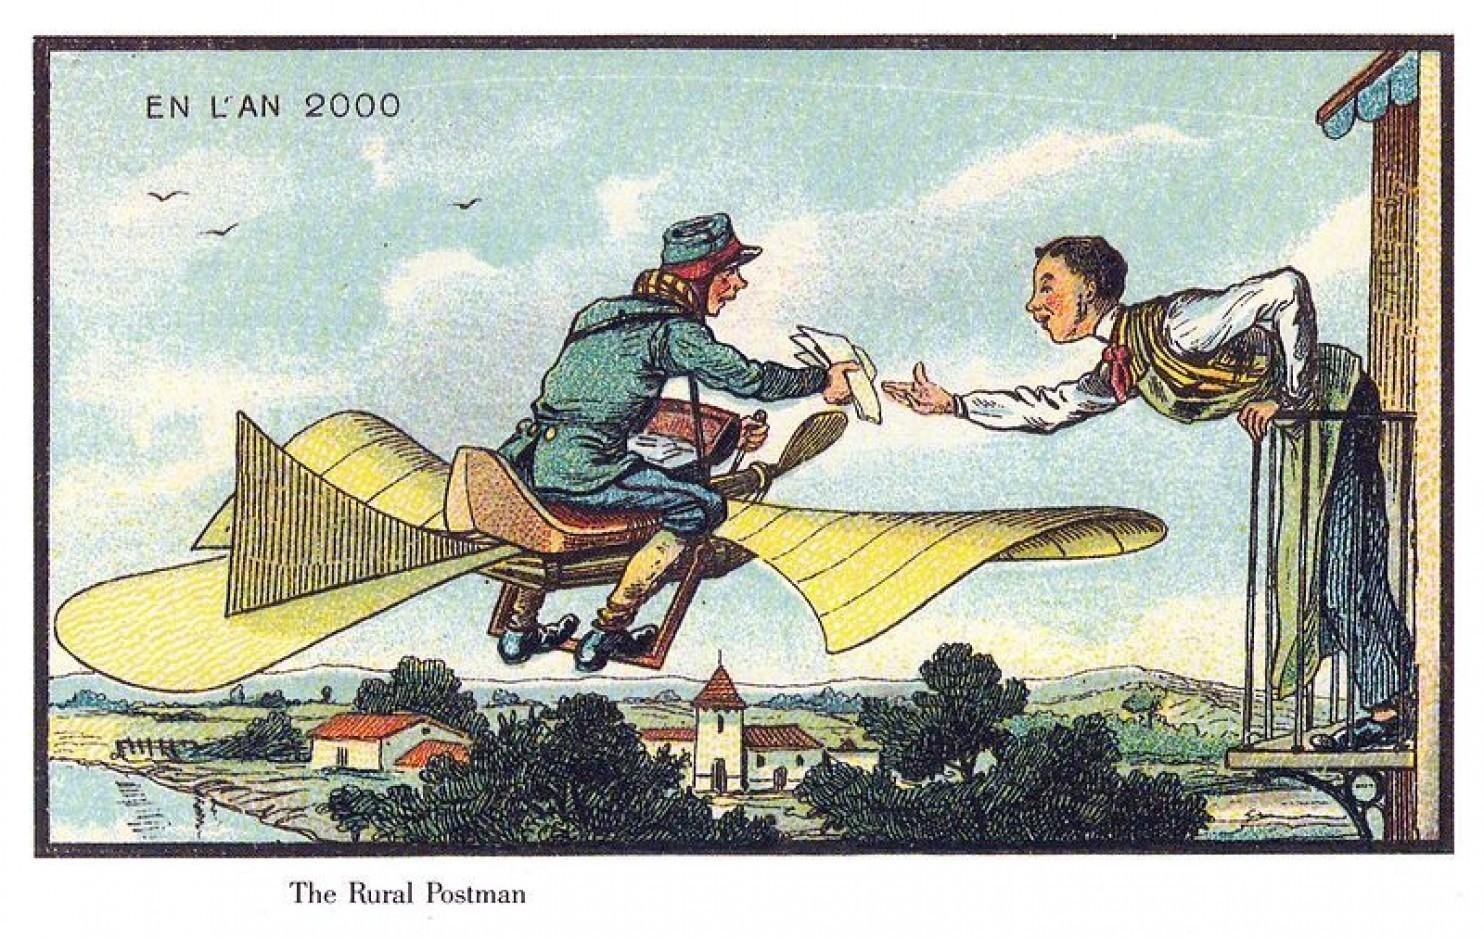 como imaginaban el futuro en 1900 ilustraciones 13